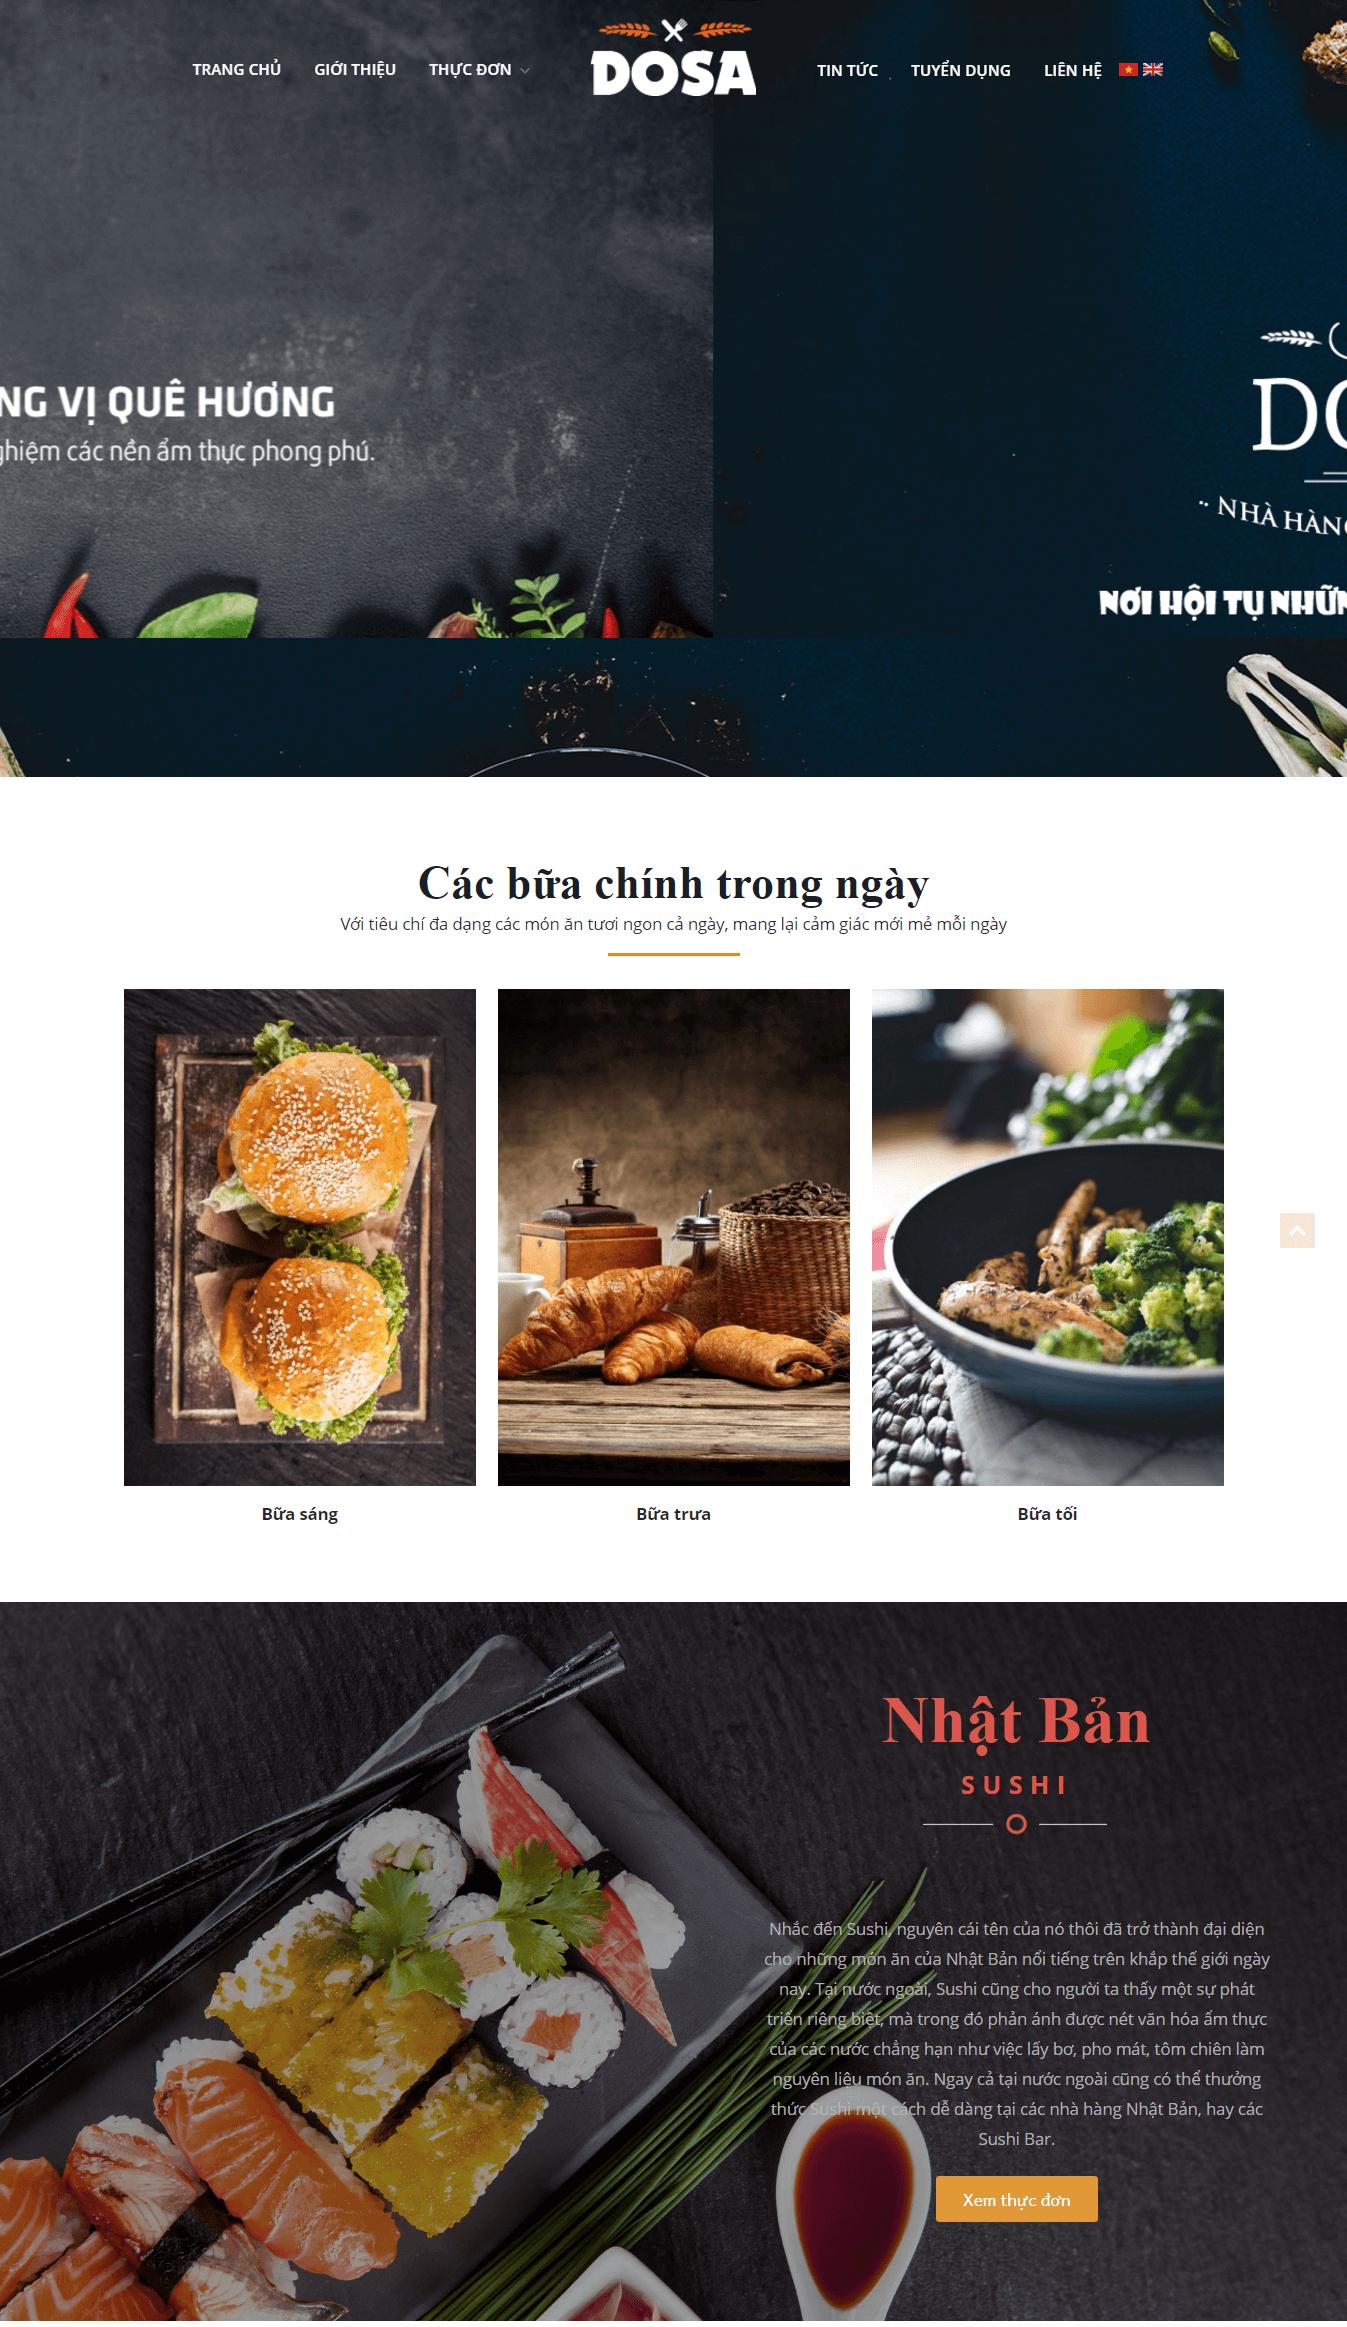 Website nhà hàng độc đáo